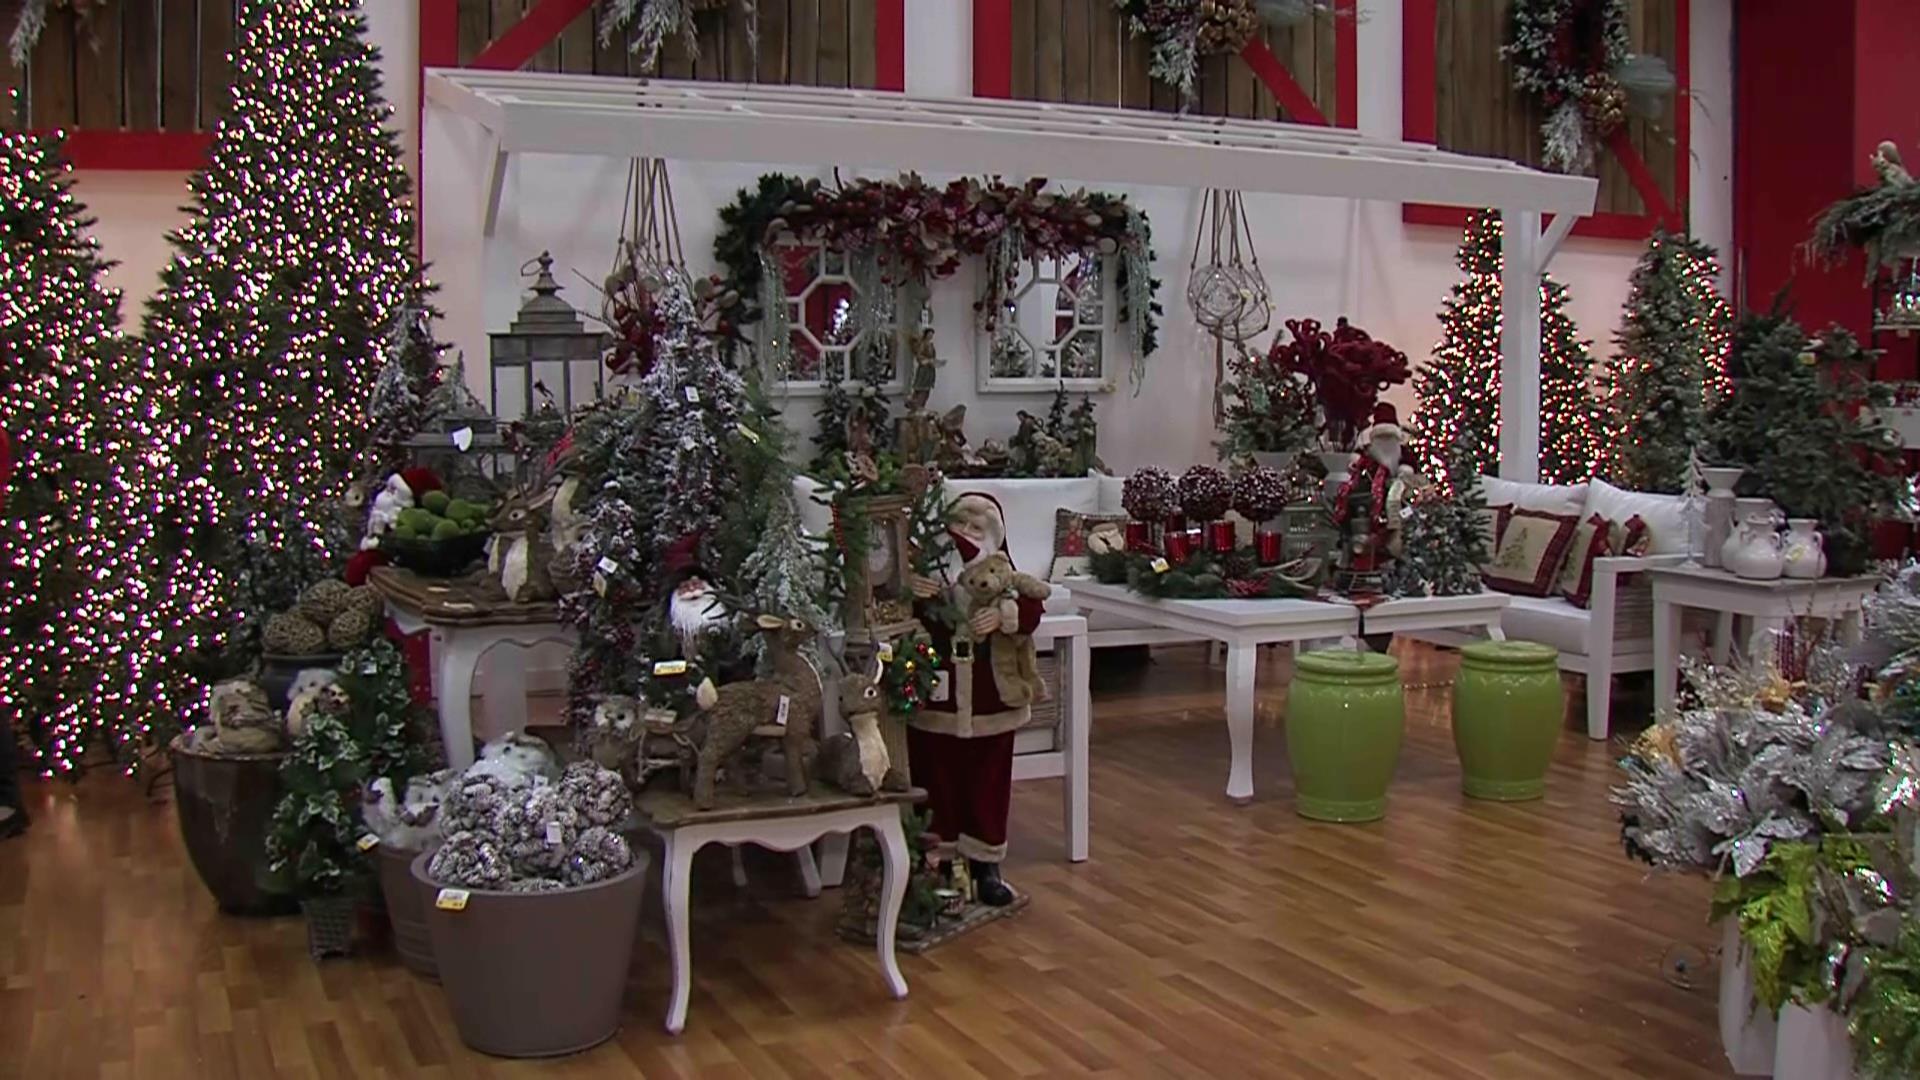 Descubra cuál es el espacio ideal para instalar su árbol de navidad